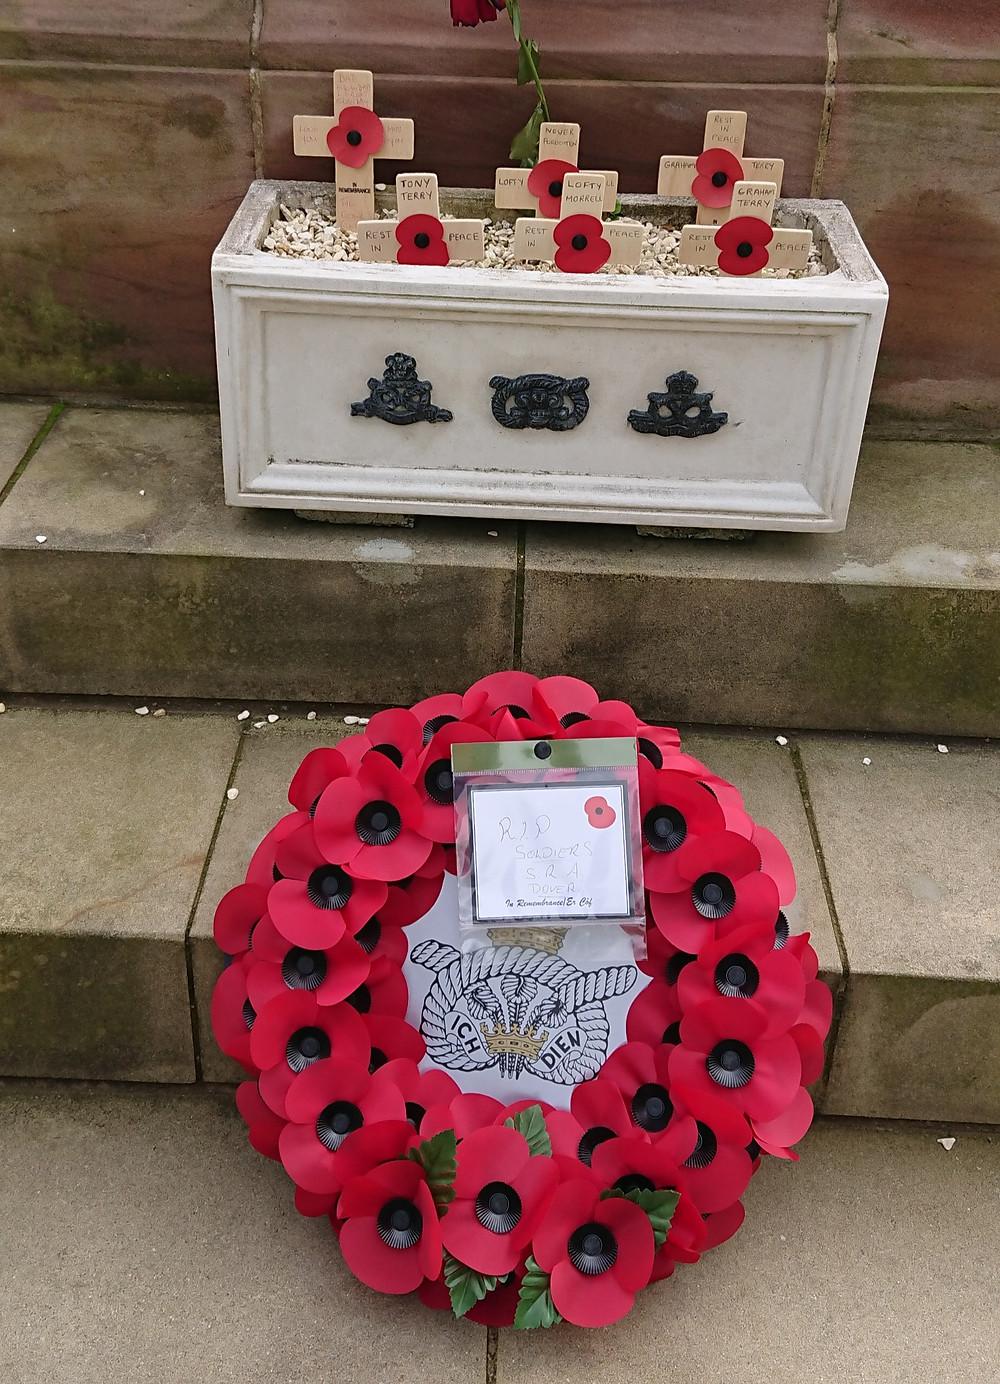 Poppy Wreath at The National memorial arboretum